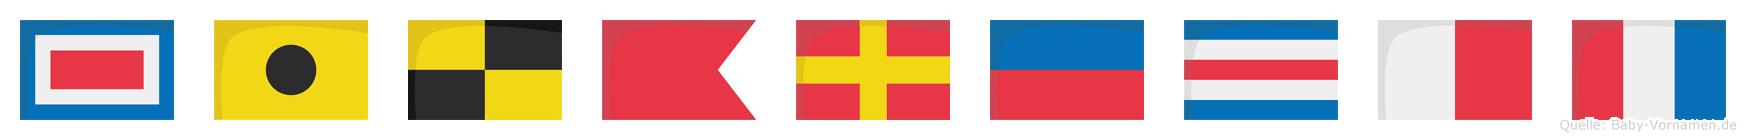 Wilbrecht im Flaggenalphabet